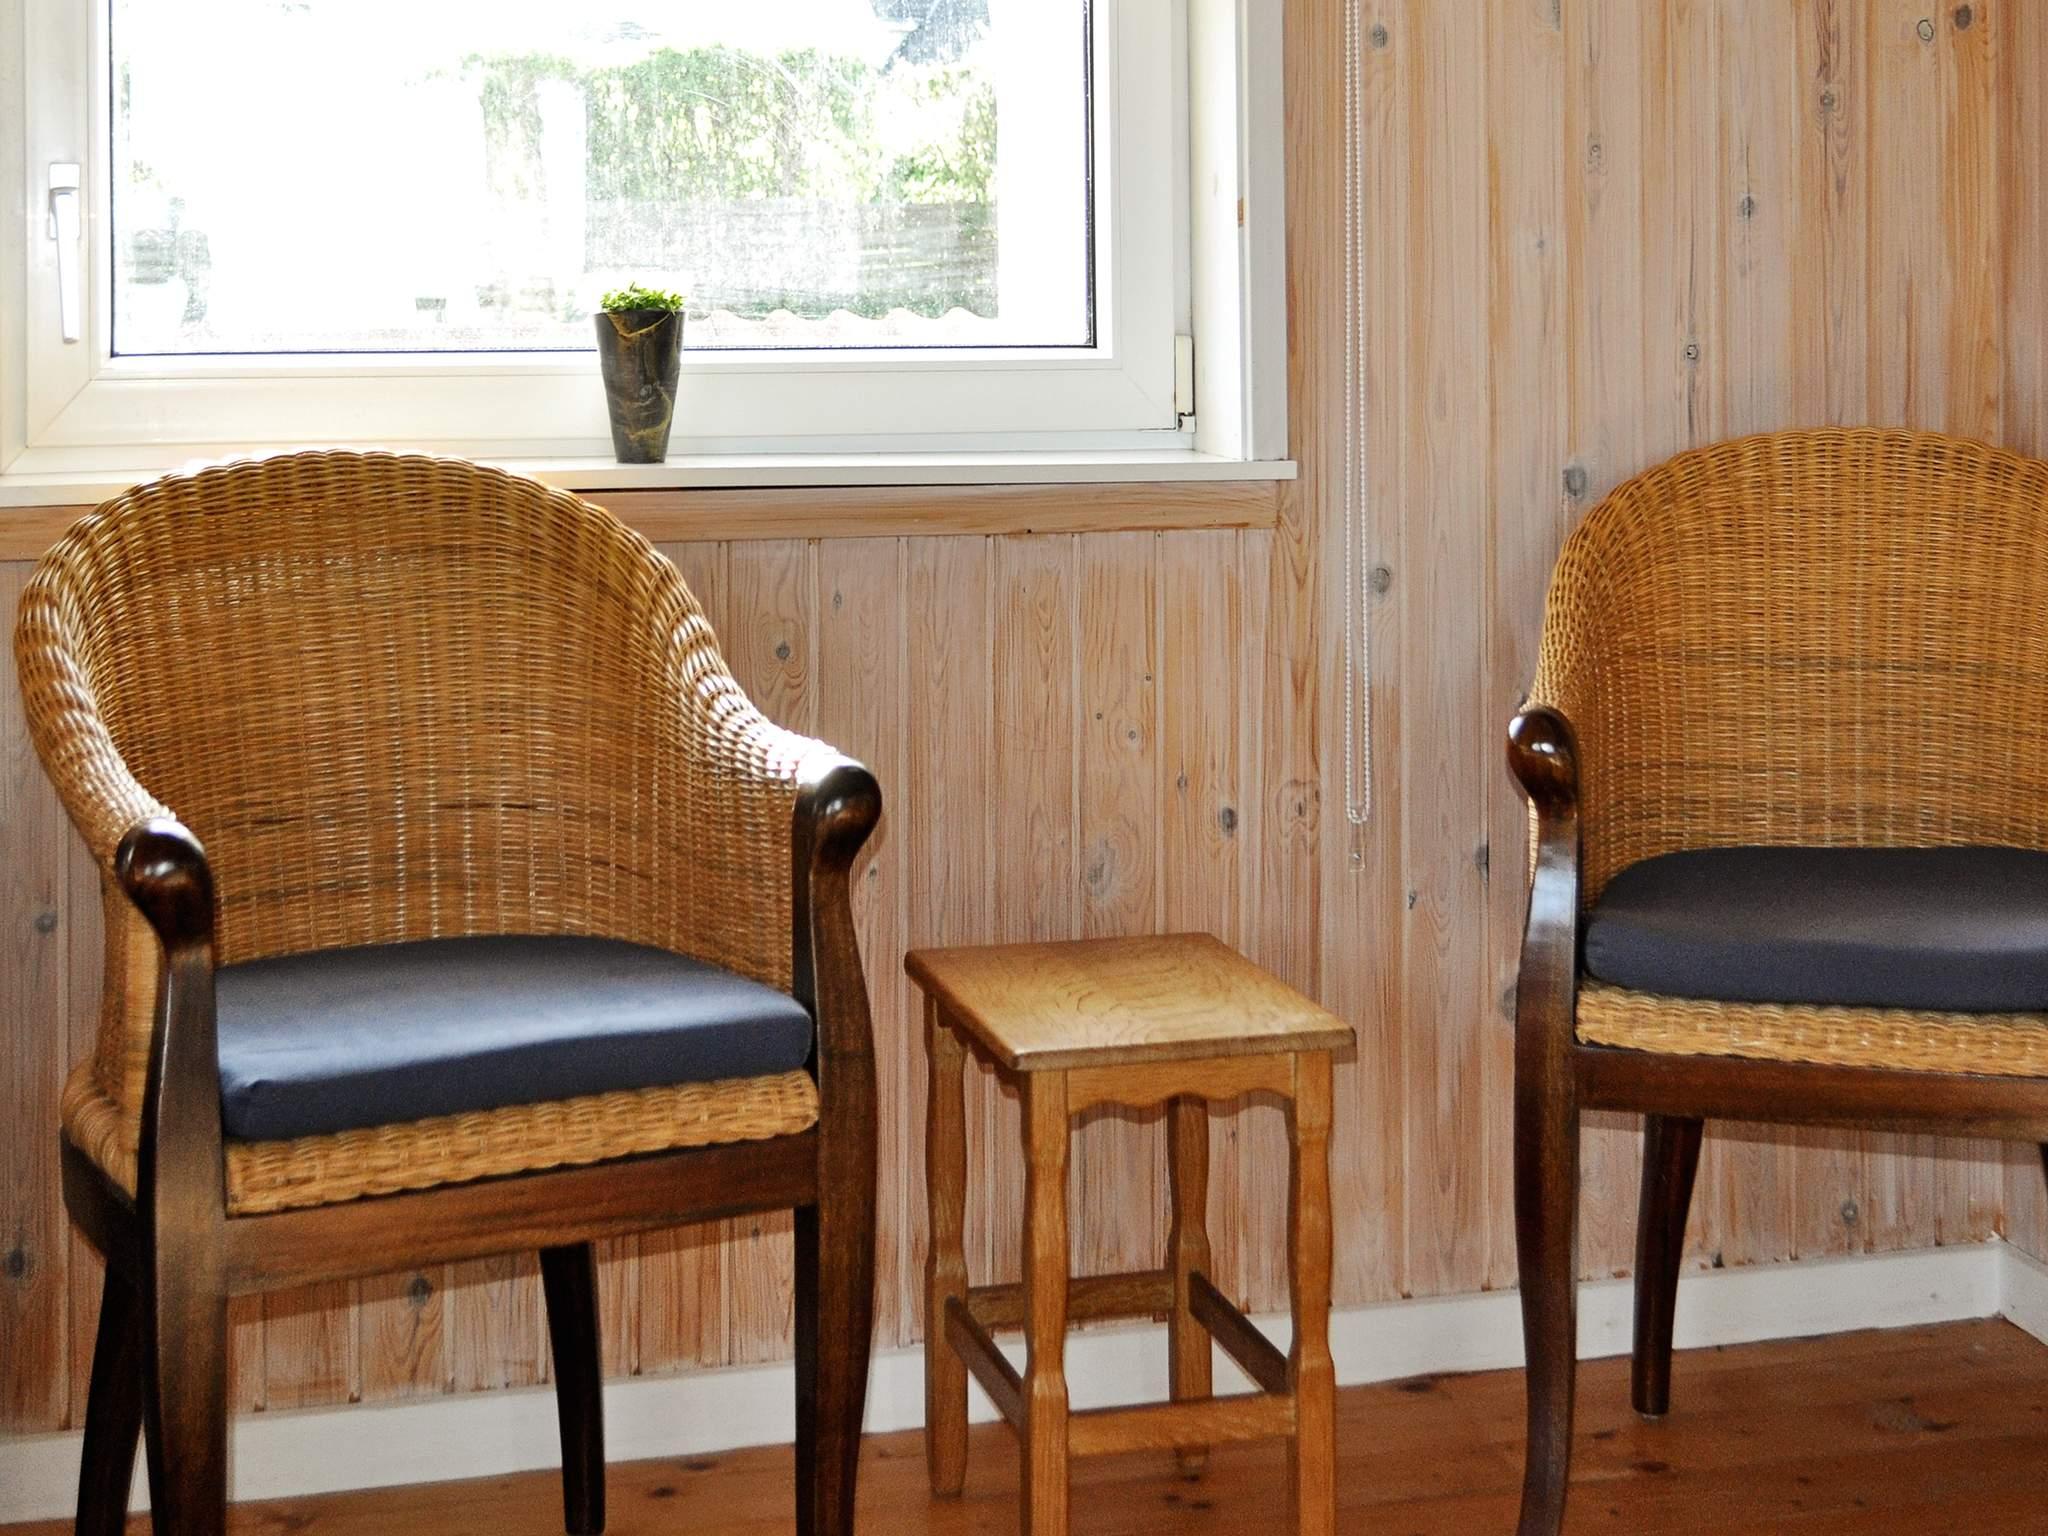 Ferienhaus Hou (82629), Hou, , Nordostjütland, Dänemark, Bild 11